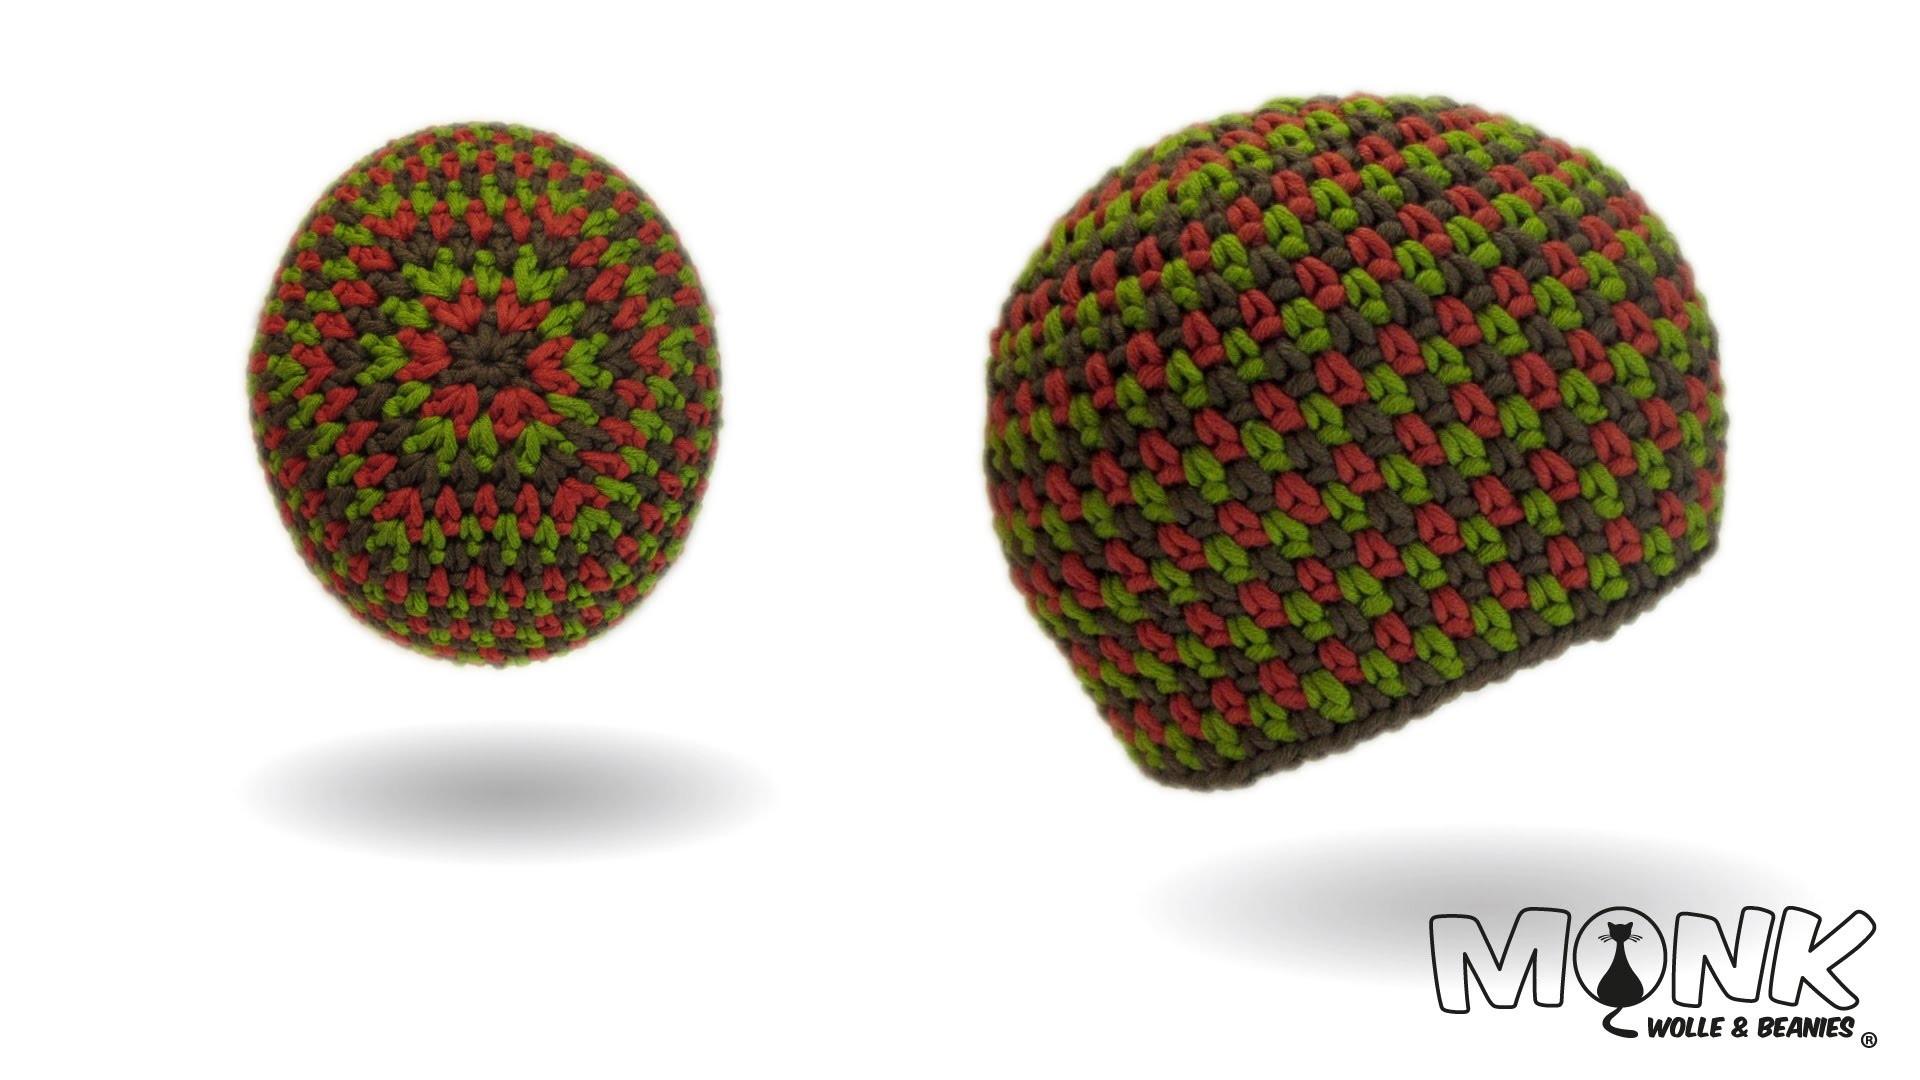 Mütze häkeln - Moss Stitch Beanie No. 2 - Tweed Style